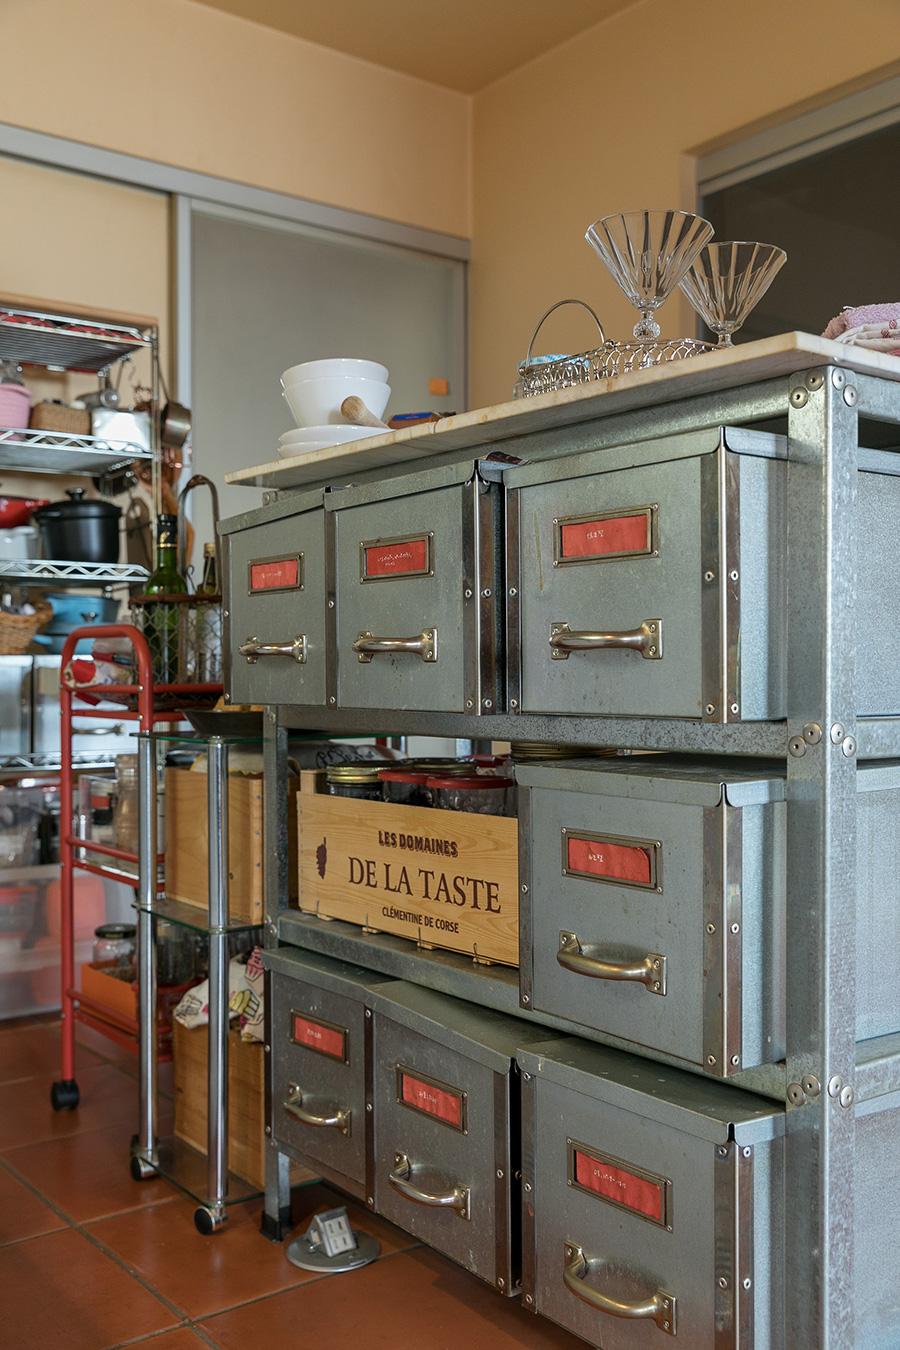 キッチン用品をたっぷり収納できる棚は、「F.O.B COOP」で購入したもの。作業台としても使えて便利だという。